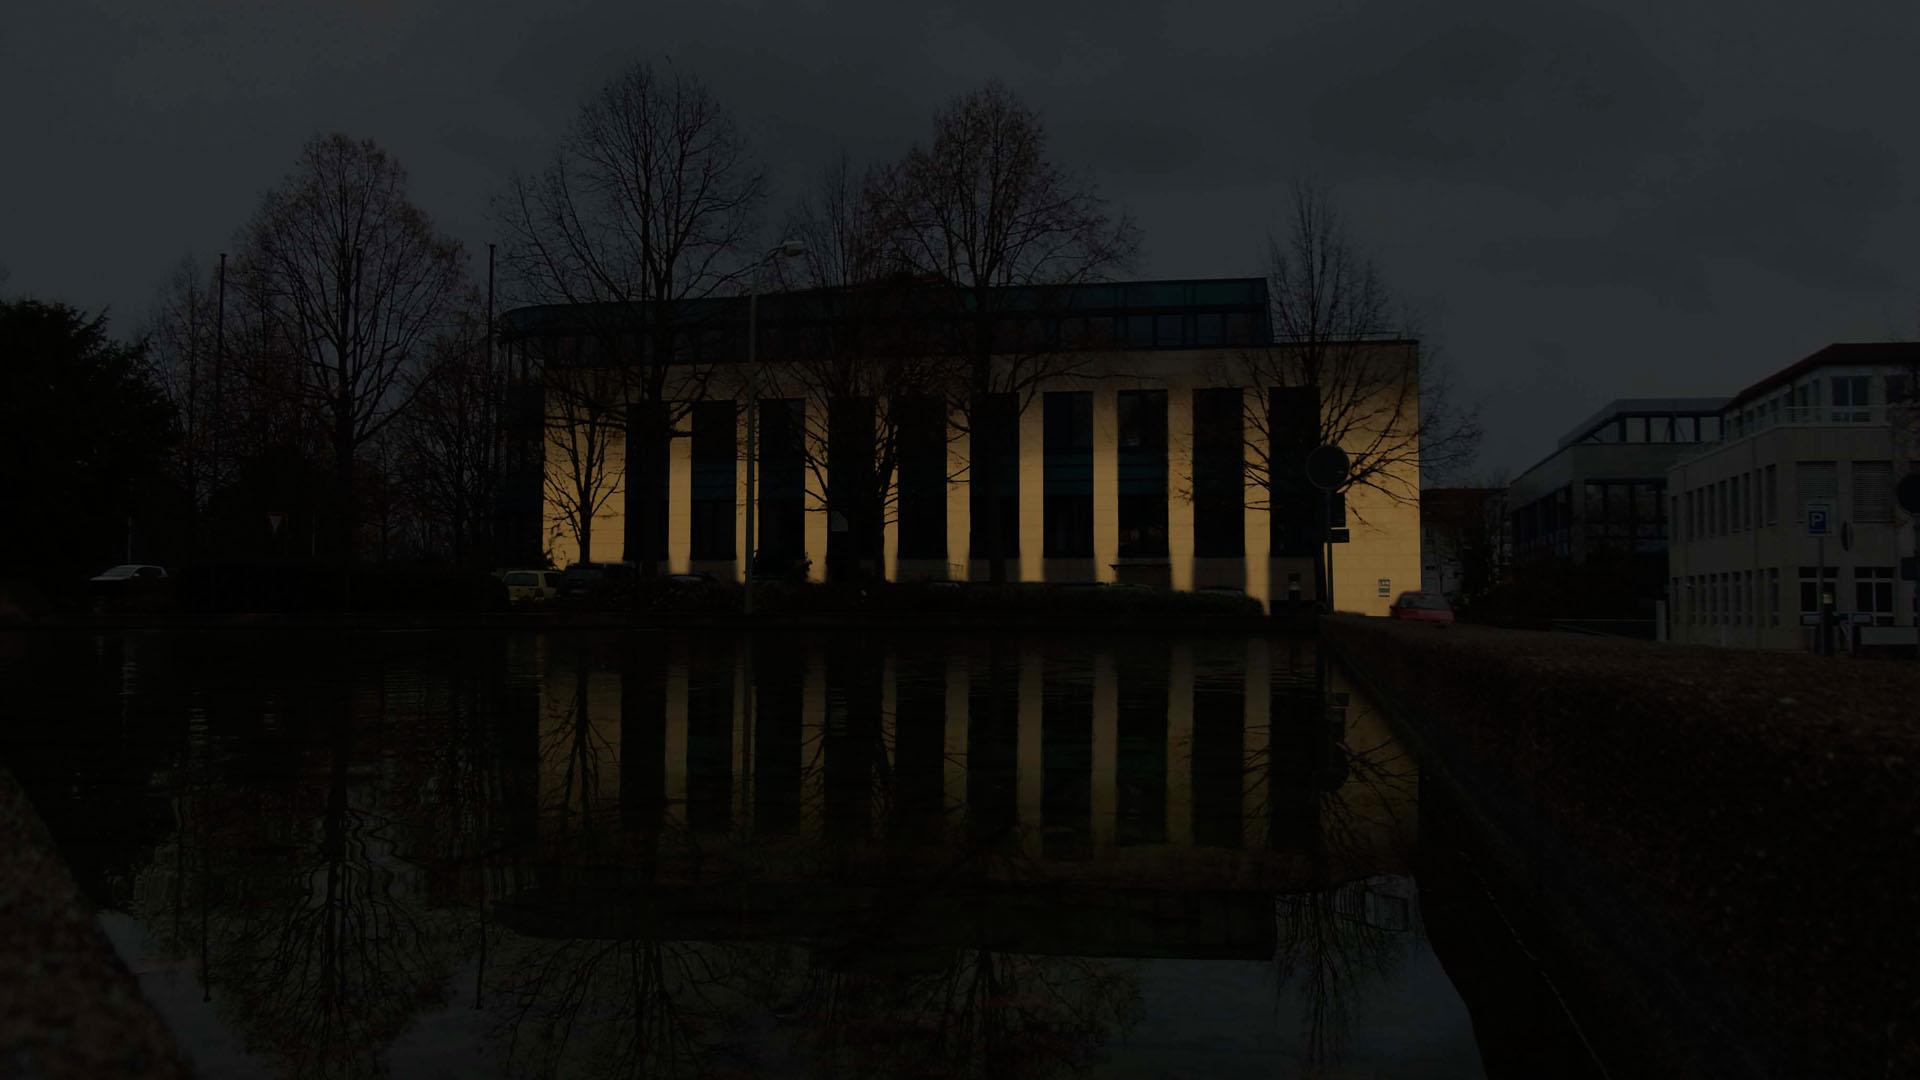 MAASS-Lichtplanung_Fassadenbeleuchtung Bürogebäude__MAASS-HP-004